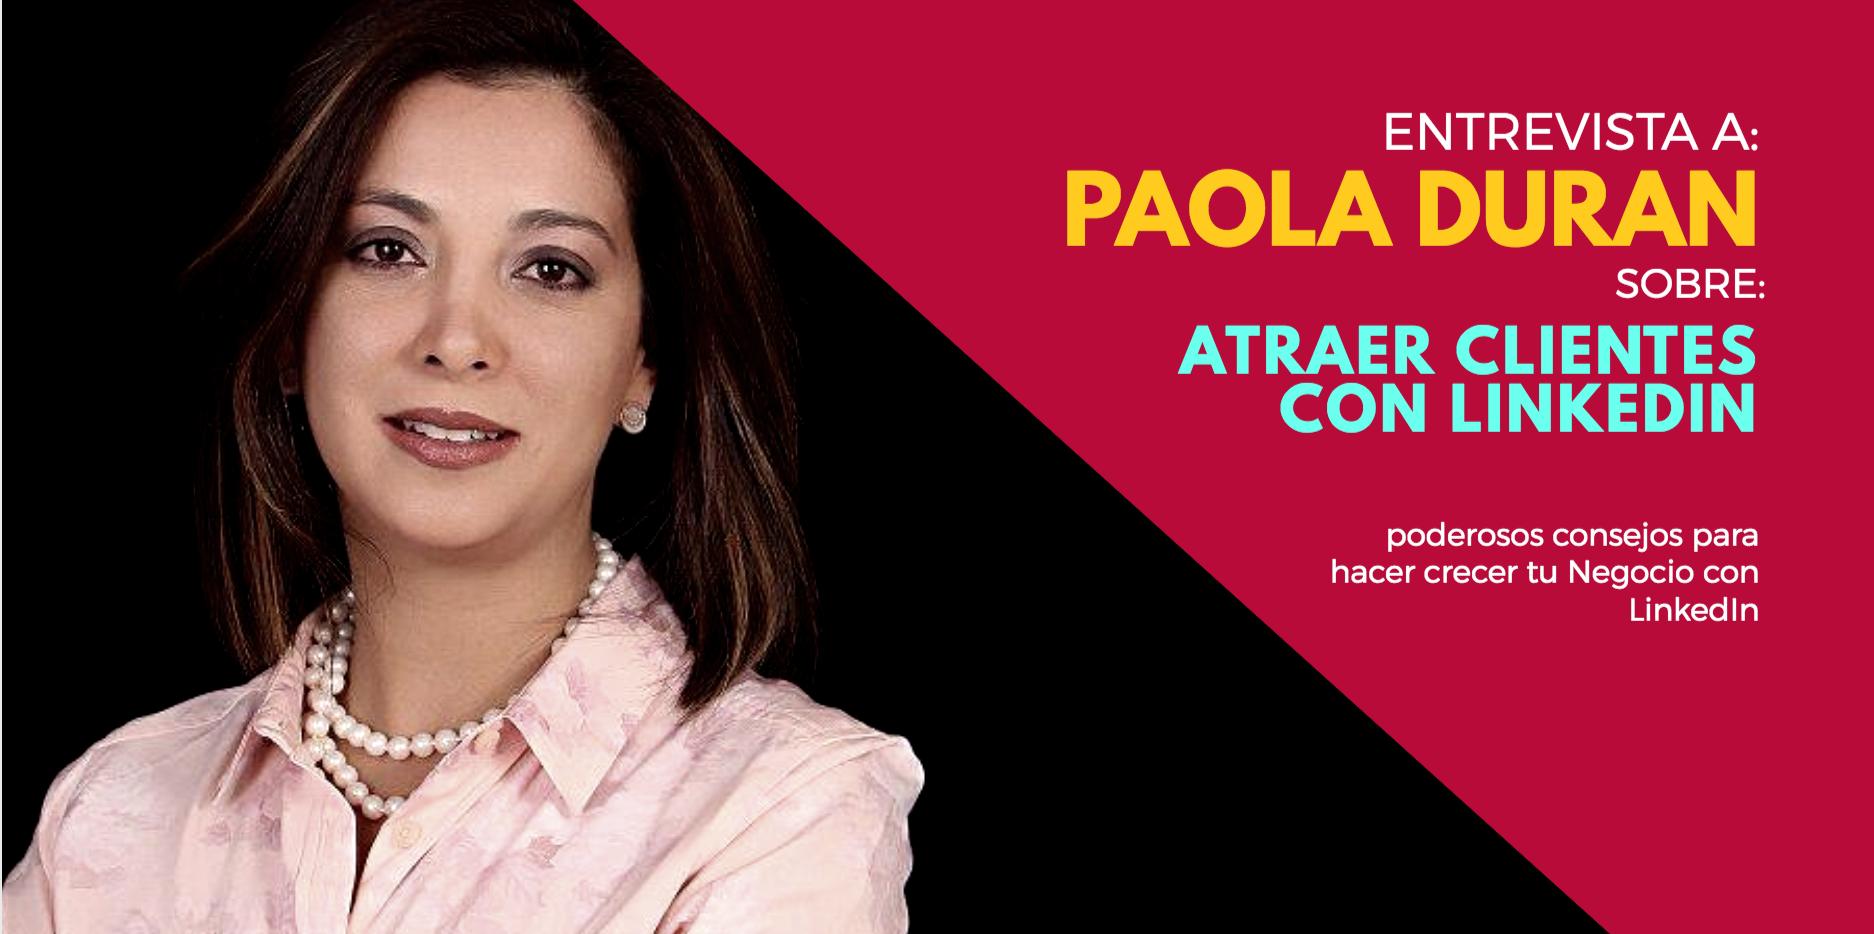 Paola Duran: El Arte de Atraer Clientes con LinkedIn